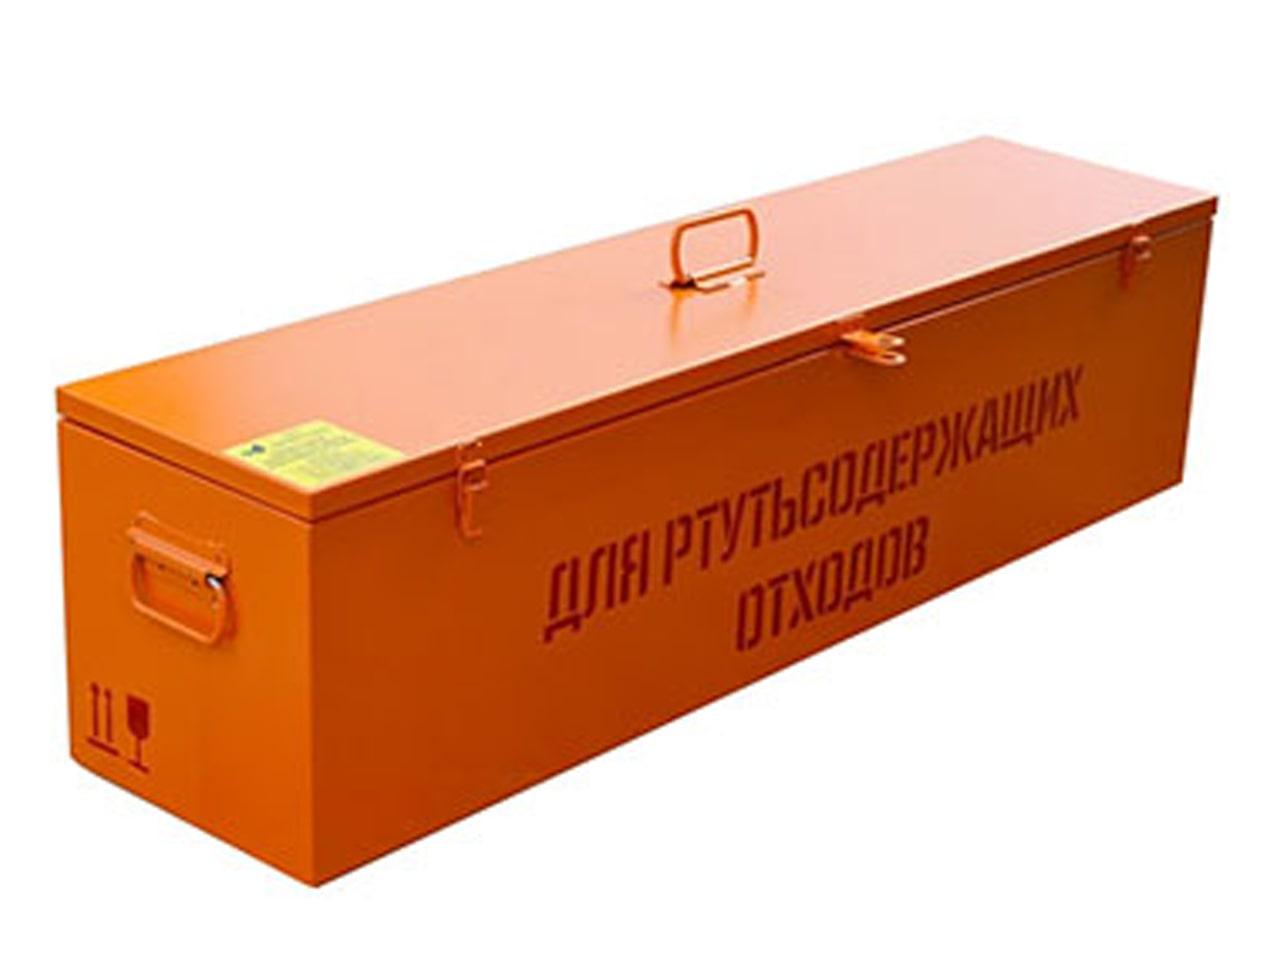 Металлический ящик для ртутных ламп